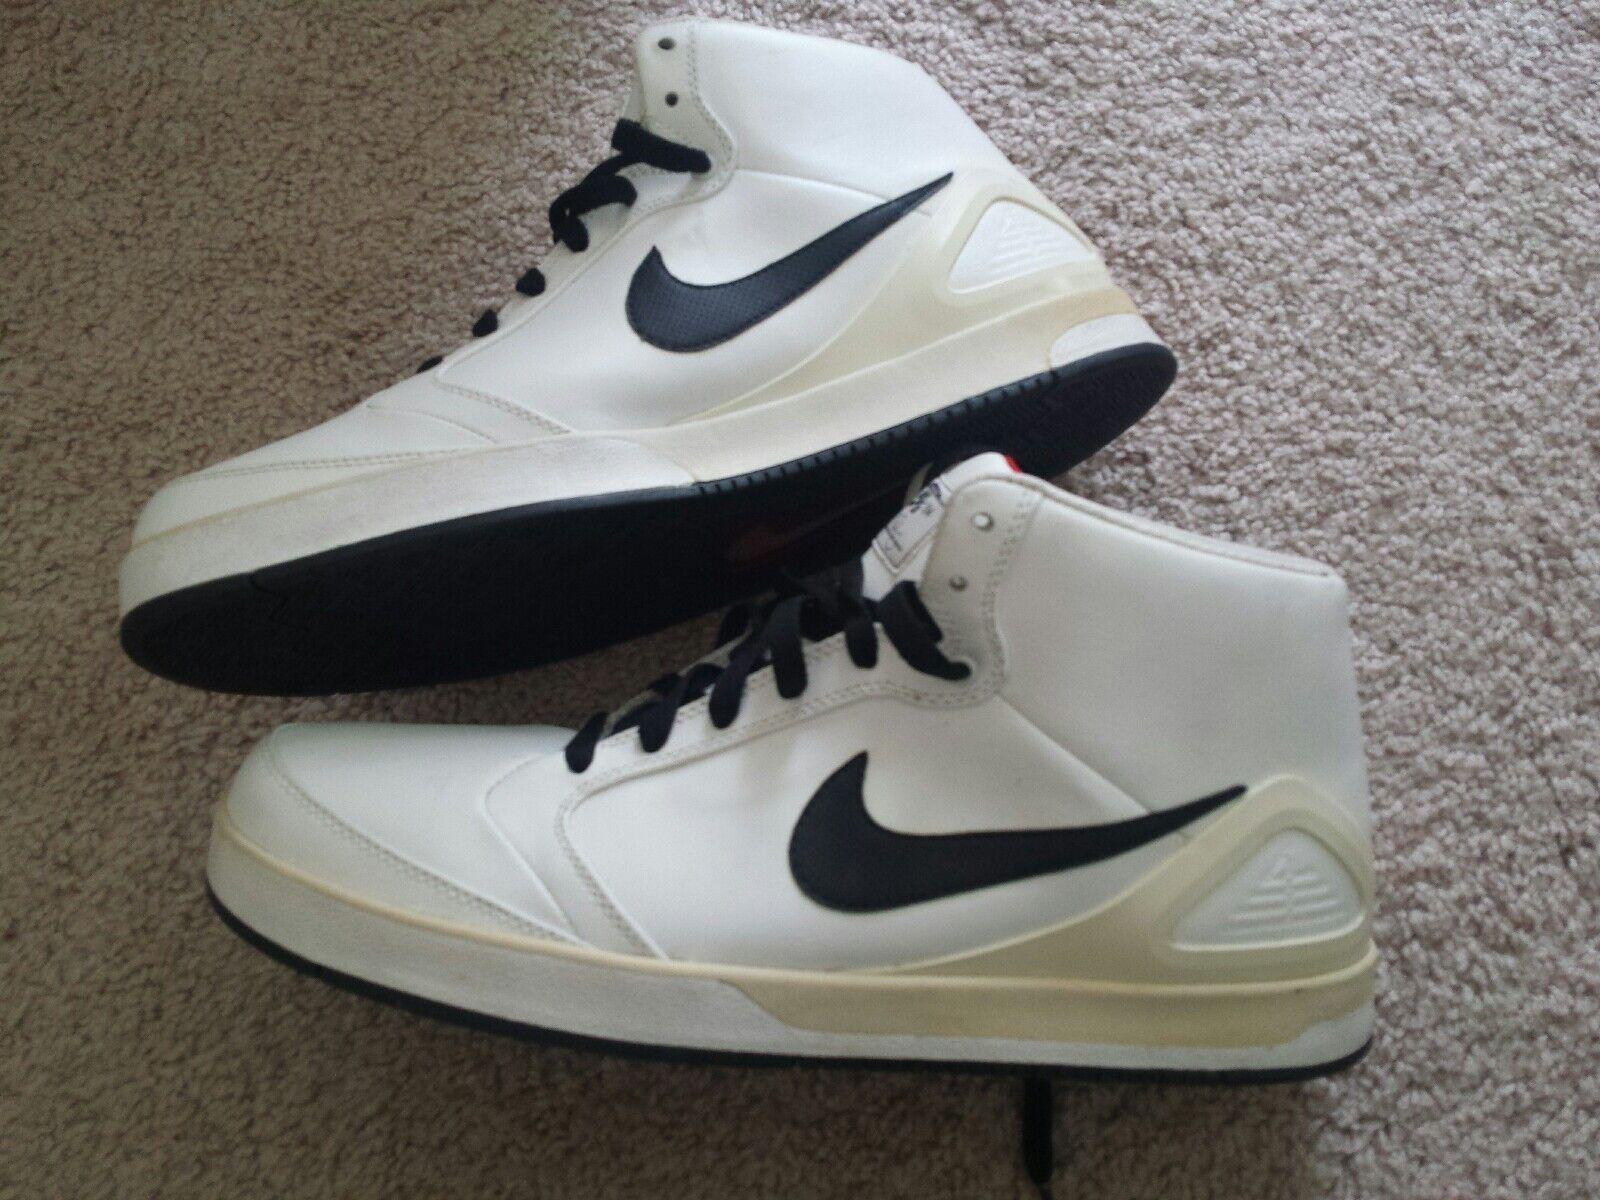 huge discount 4c1f5 0da23 Nike SB Zoom Air Paul Rodriguez 4 alta alta alta blanco   negro   Rojo  Precio reduccion el último descuento zapatos para hombres y mujeres b8fa43